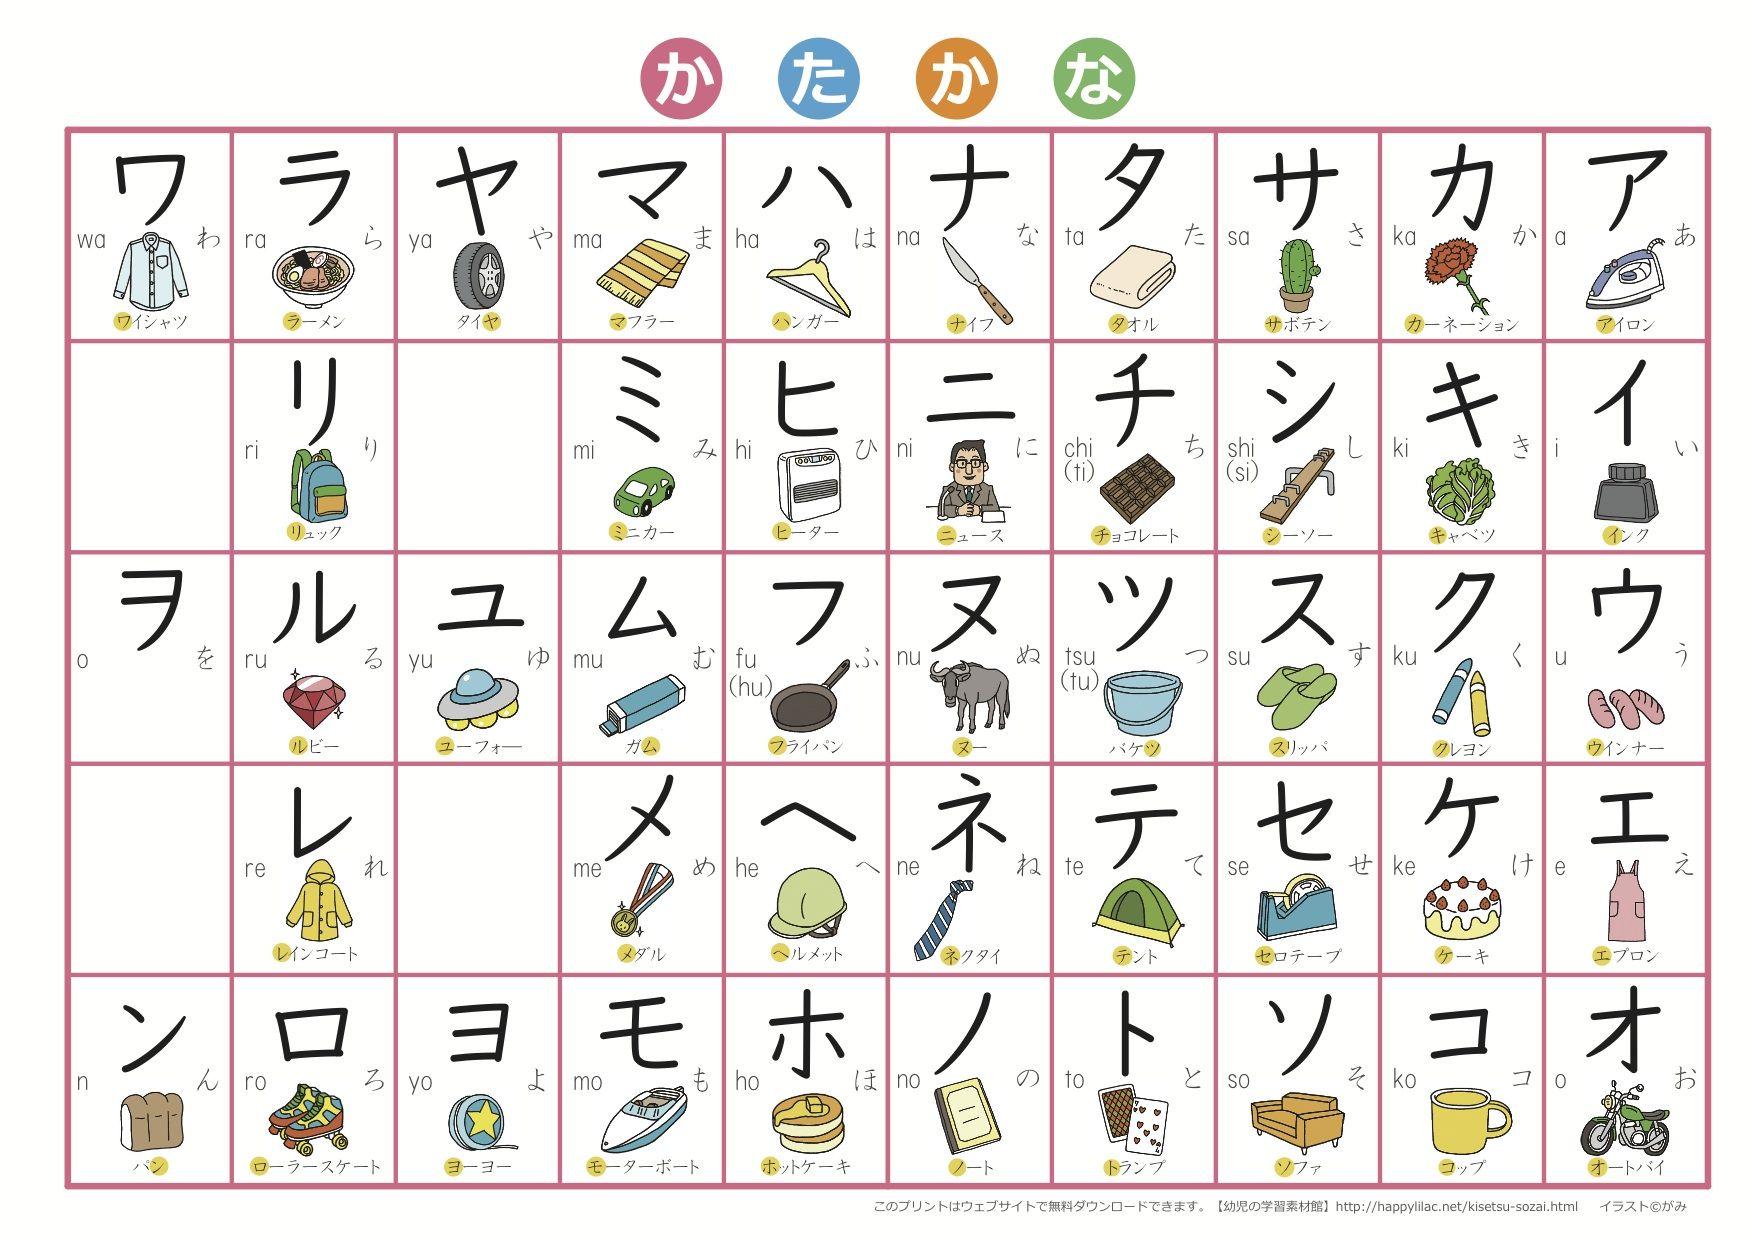 かたかな表 | カタカナ表, 学習, 地図 記号